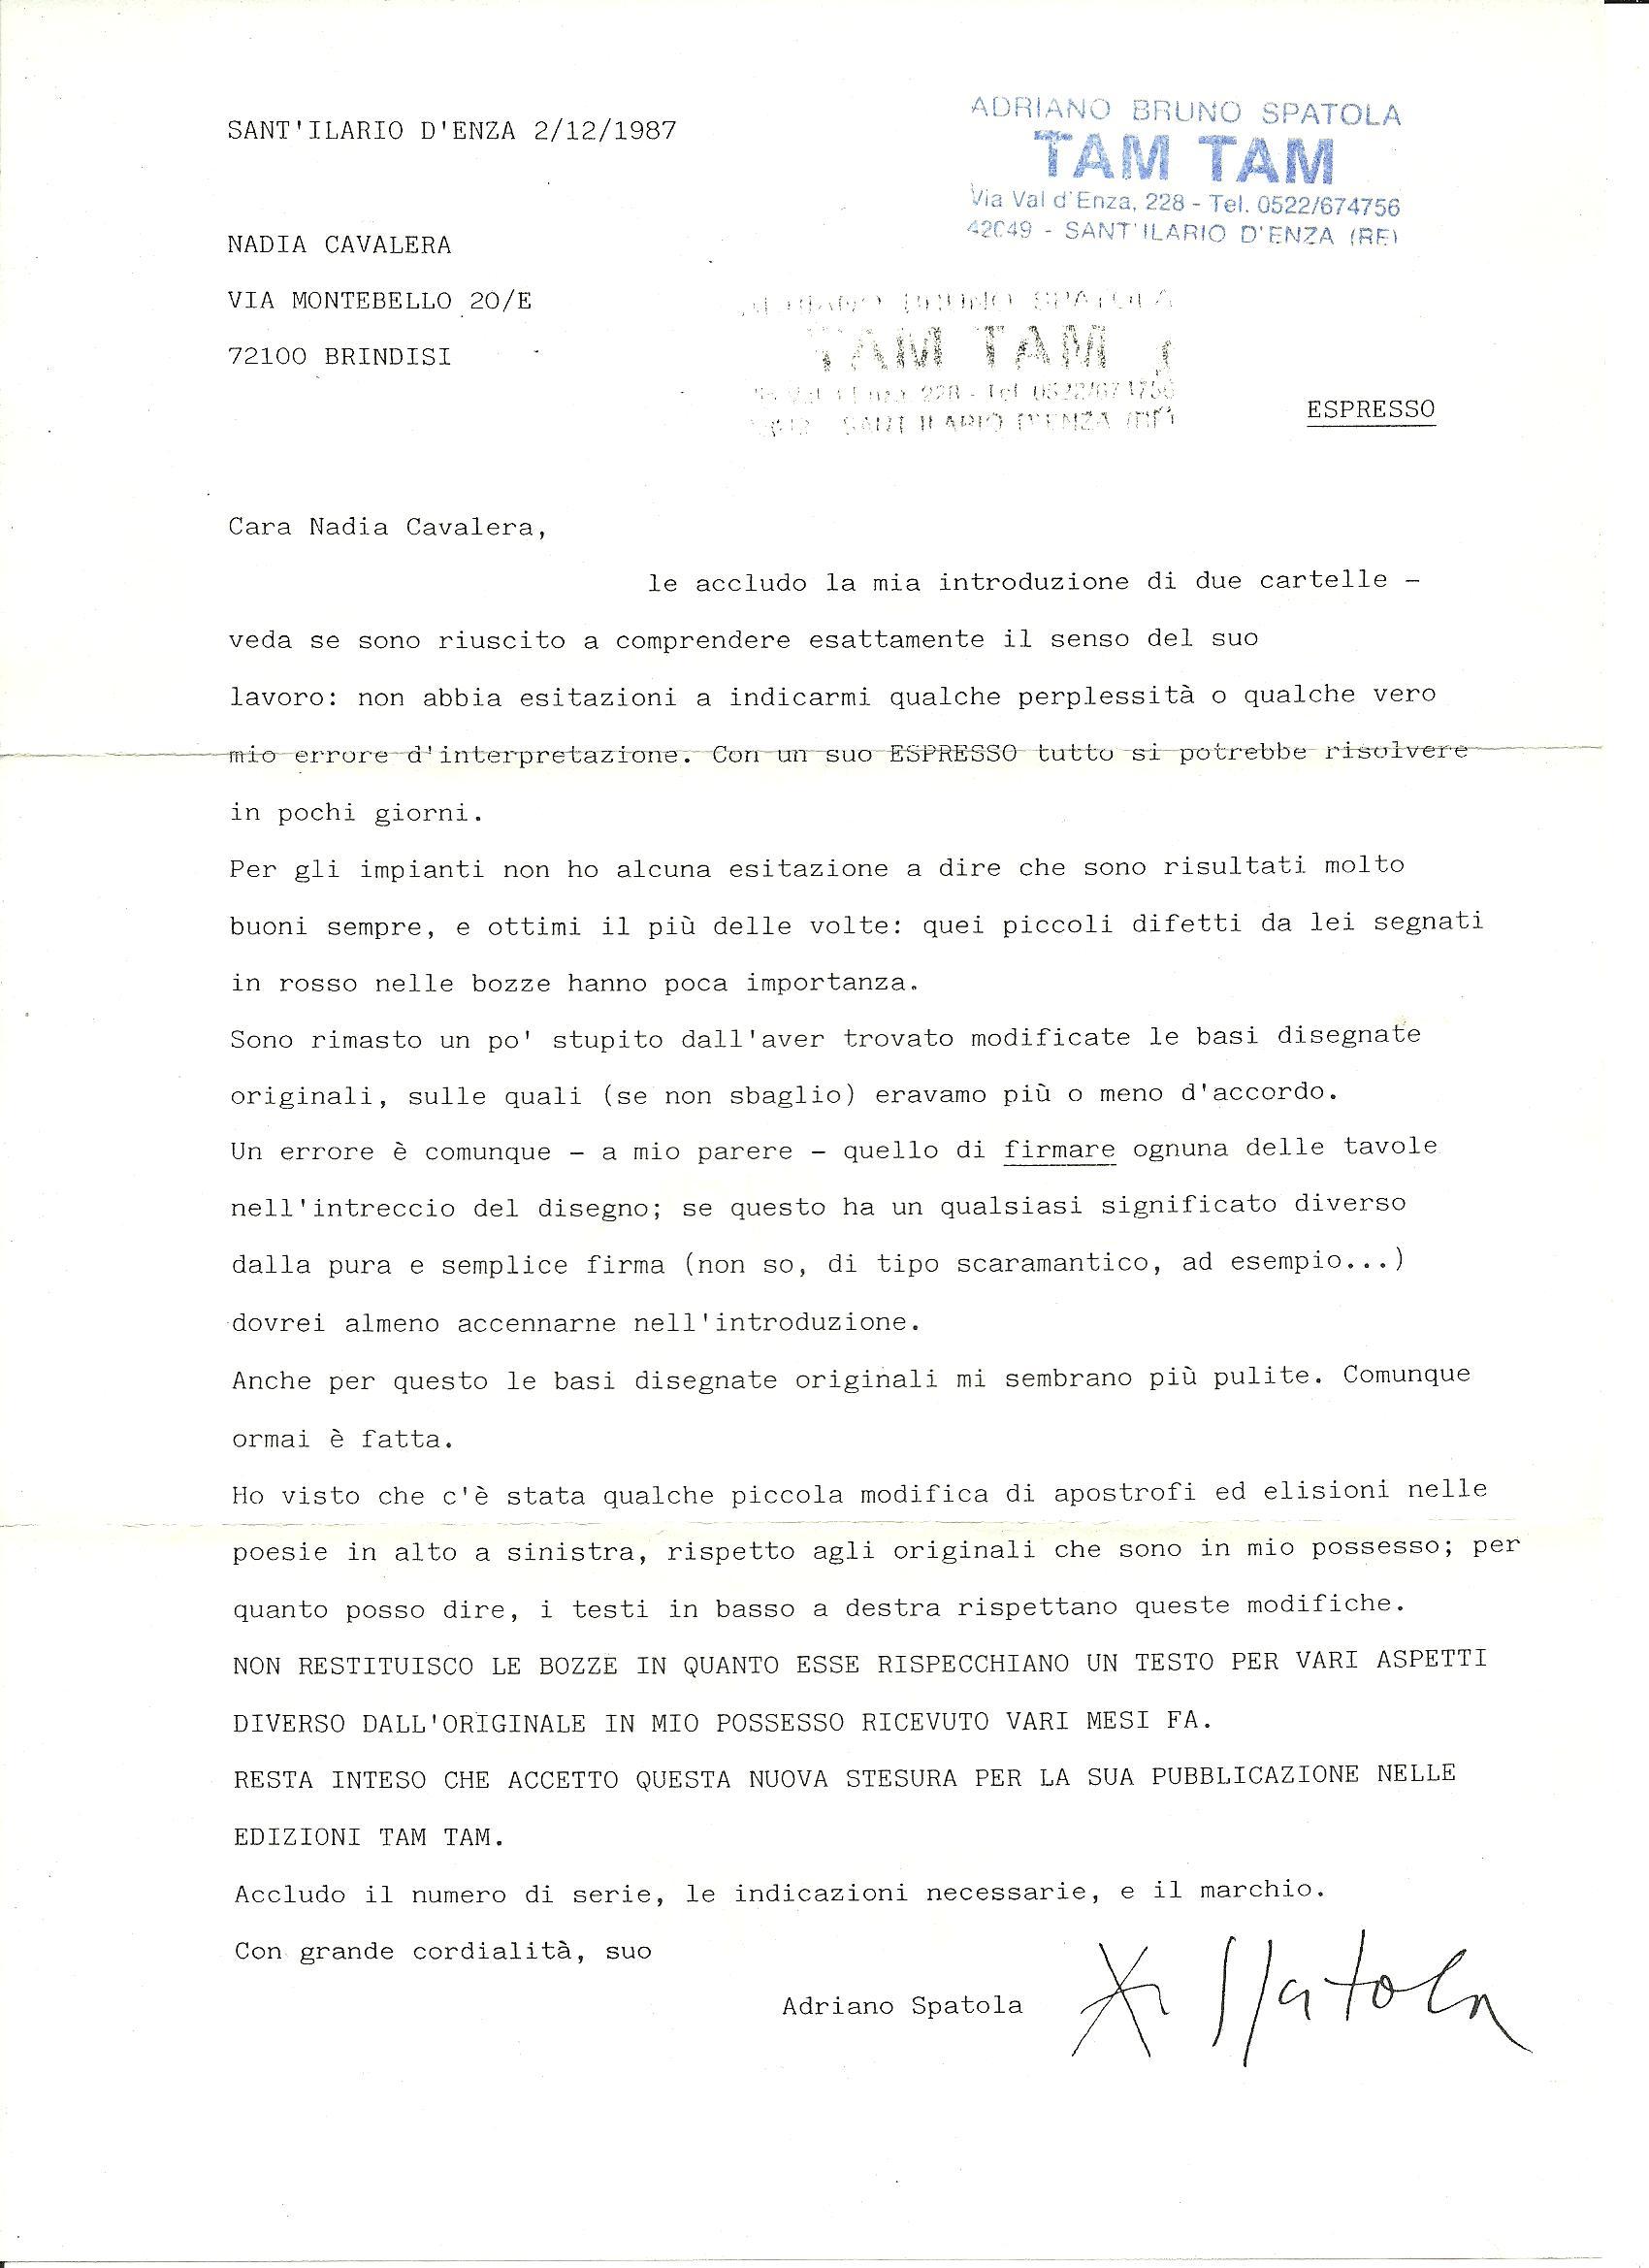 Adriano Spatola_lettera